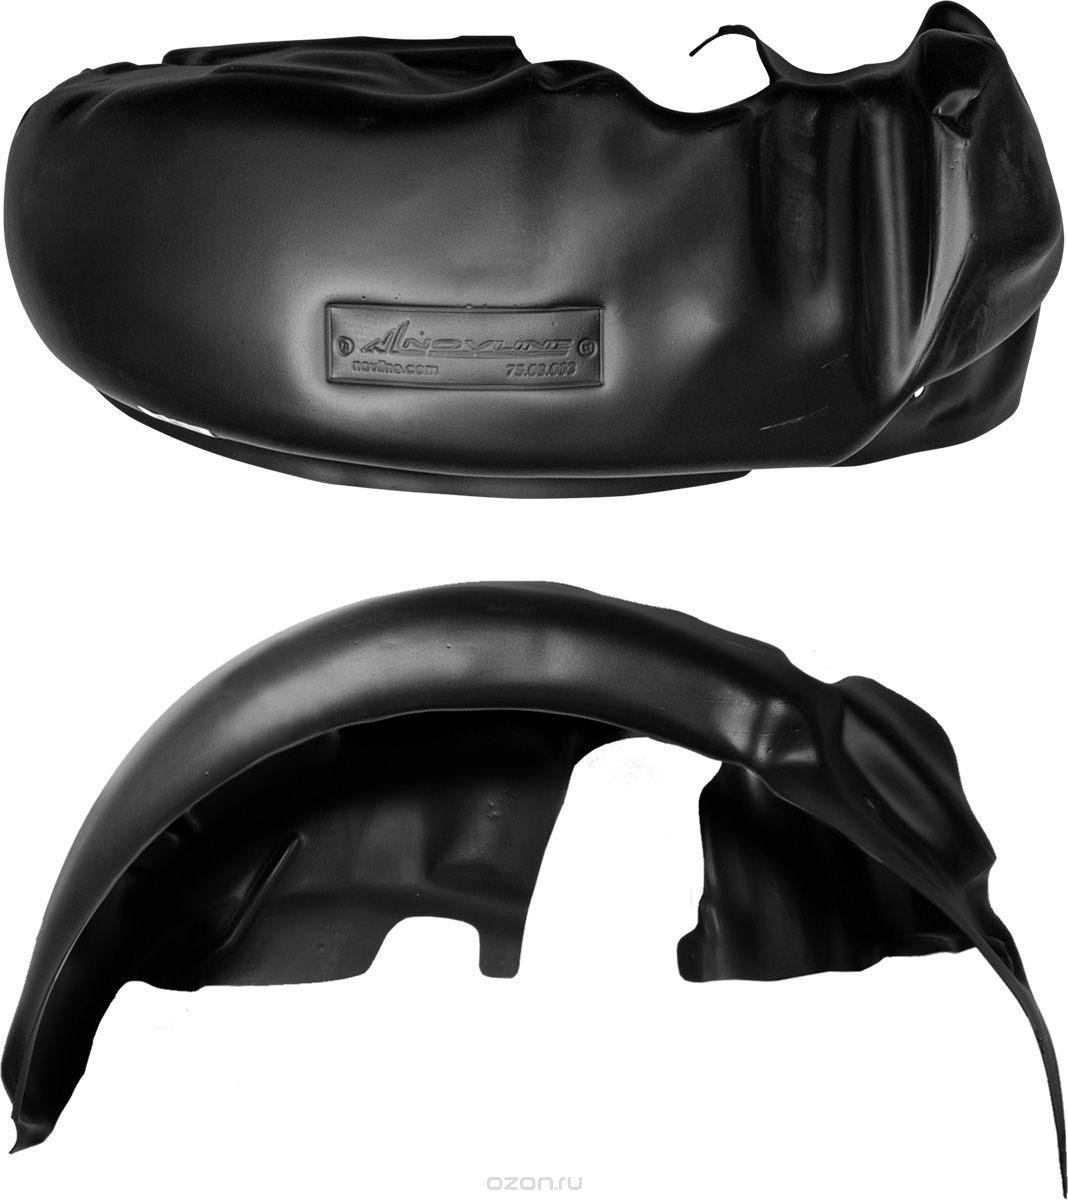 Подкрылок Novline-Autofamily, для Mitsubishi Colt 3D, 10/2009->, задний левый. NNL.35.21.003NLL.35.21.003Идеальная защита колесной ниши. Локеры разработаны с применением цифровых технологий, гарантируют максимальную повторяемость поверхности арки. Изделия устанавливаются без нарушения лакокрасочного покрытия автомобиля, каждый подкрылок комплектуется крепежом. Уважаемые клиенты, обращаем ваше внимание, что фотографии на подкрылки универсальные и не отражают реальную форму изделия. При этом само изделие идет точно под размер указанного автомобиля.